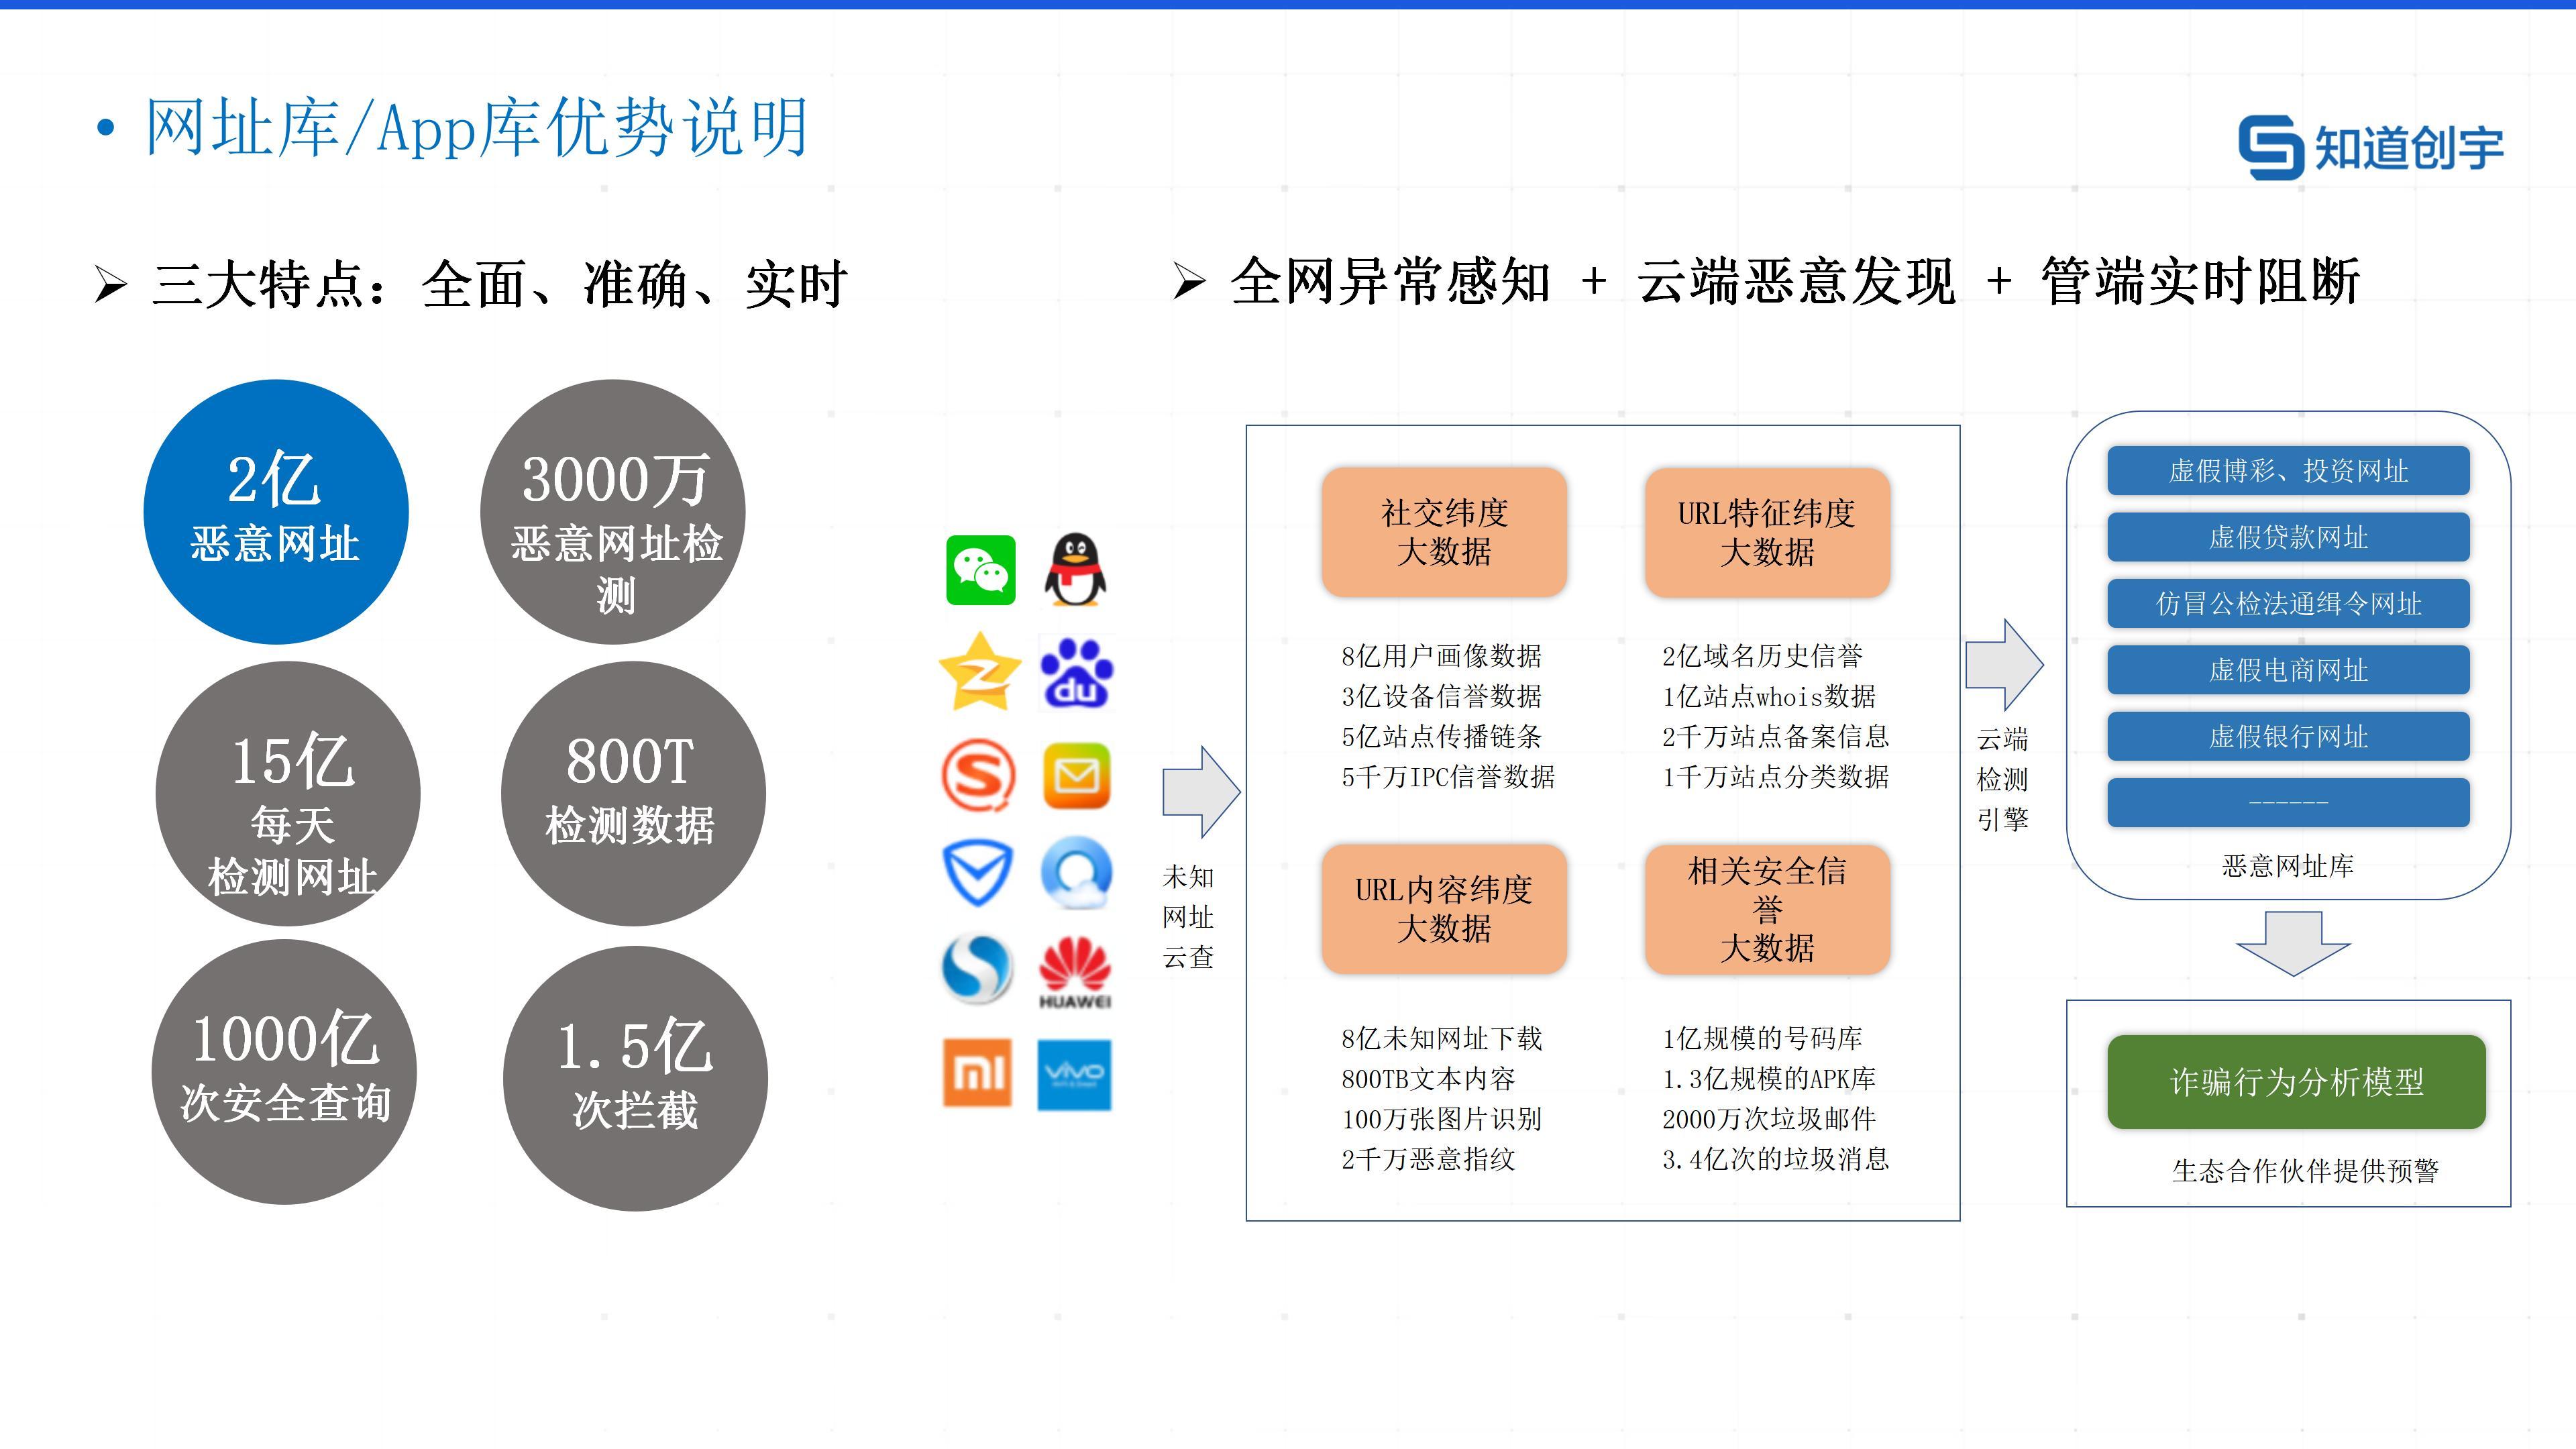 01.知道创宇反诈大脑预警SAAS平台产品白皮书_20210224_13.jpg